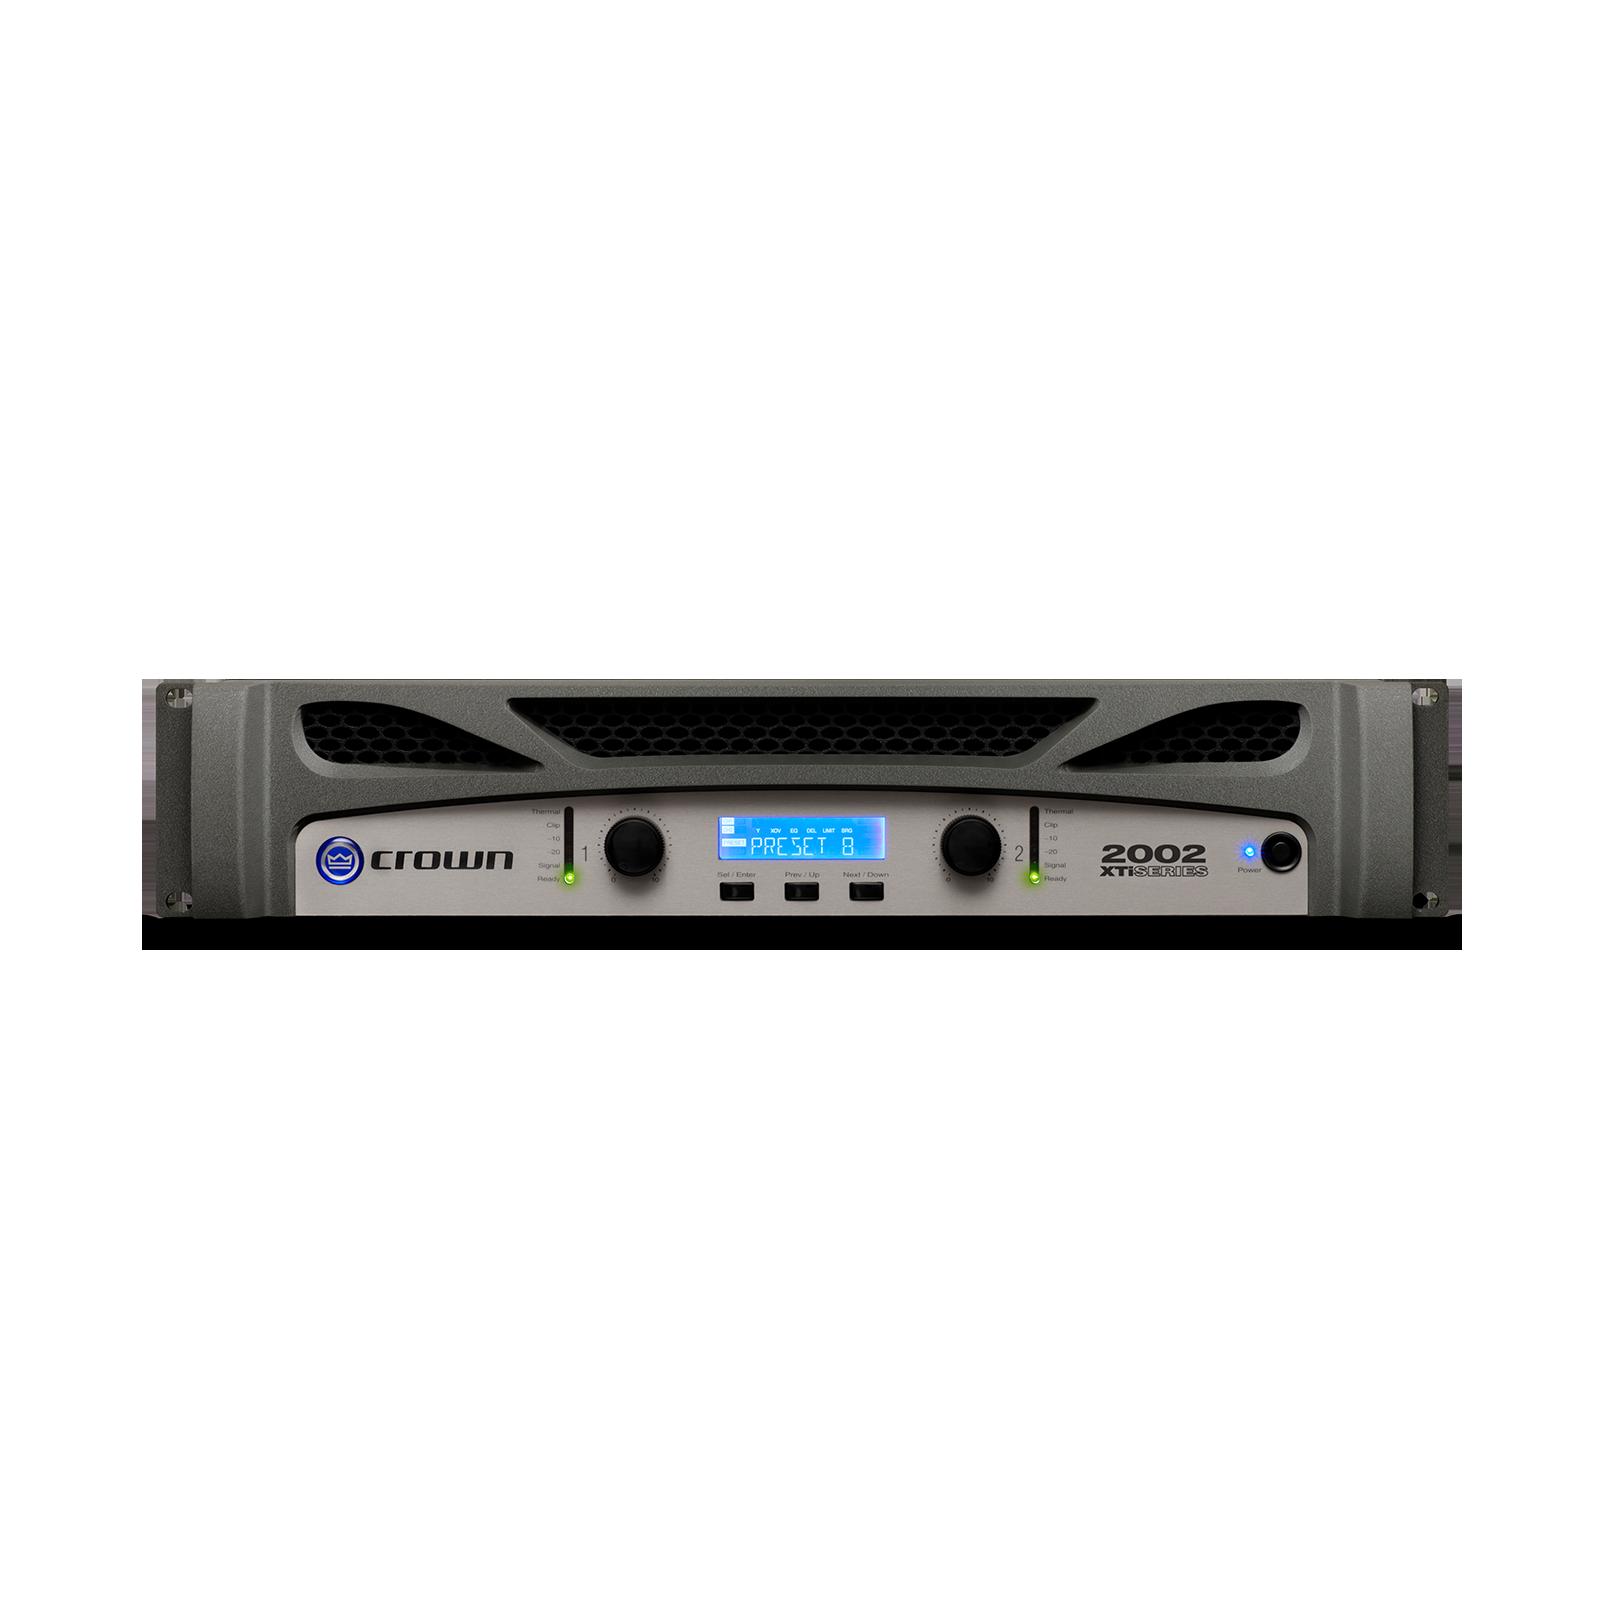 XTi 2002 - Grey - Two-channel, 800W @ 4Ω power amplifier - Hero